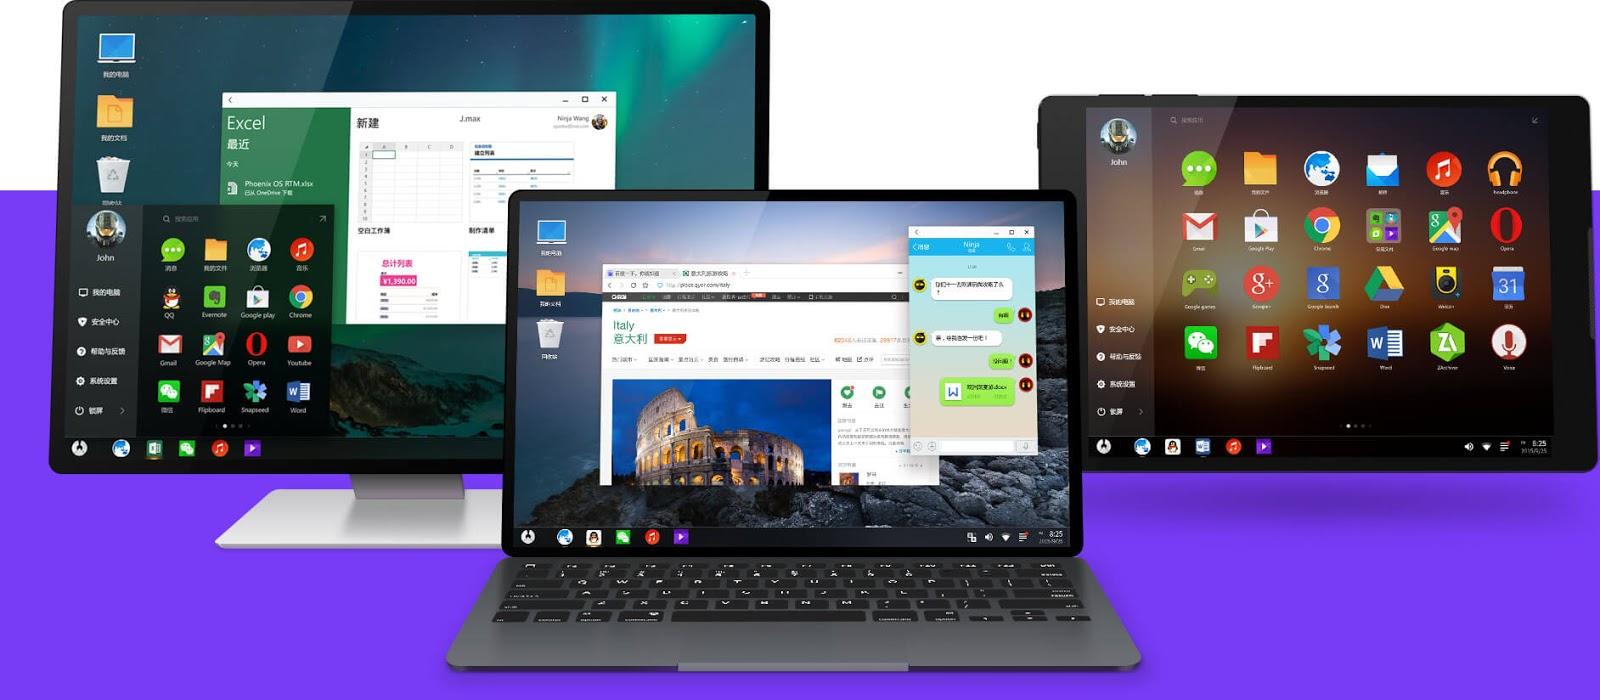 Android Oyun Deneyimini PC'de Yaşayın   Phoenix OS Kurulum Rehberi